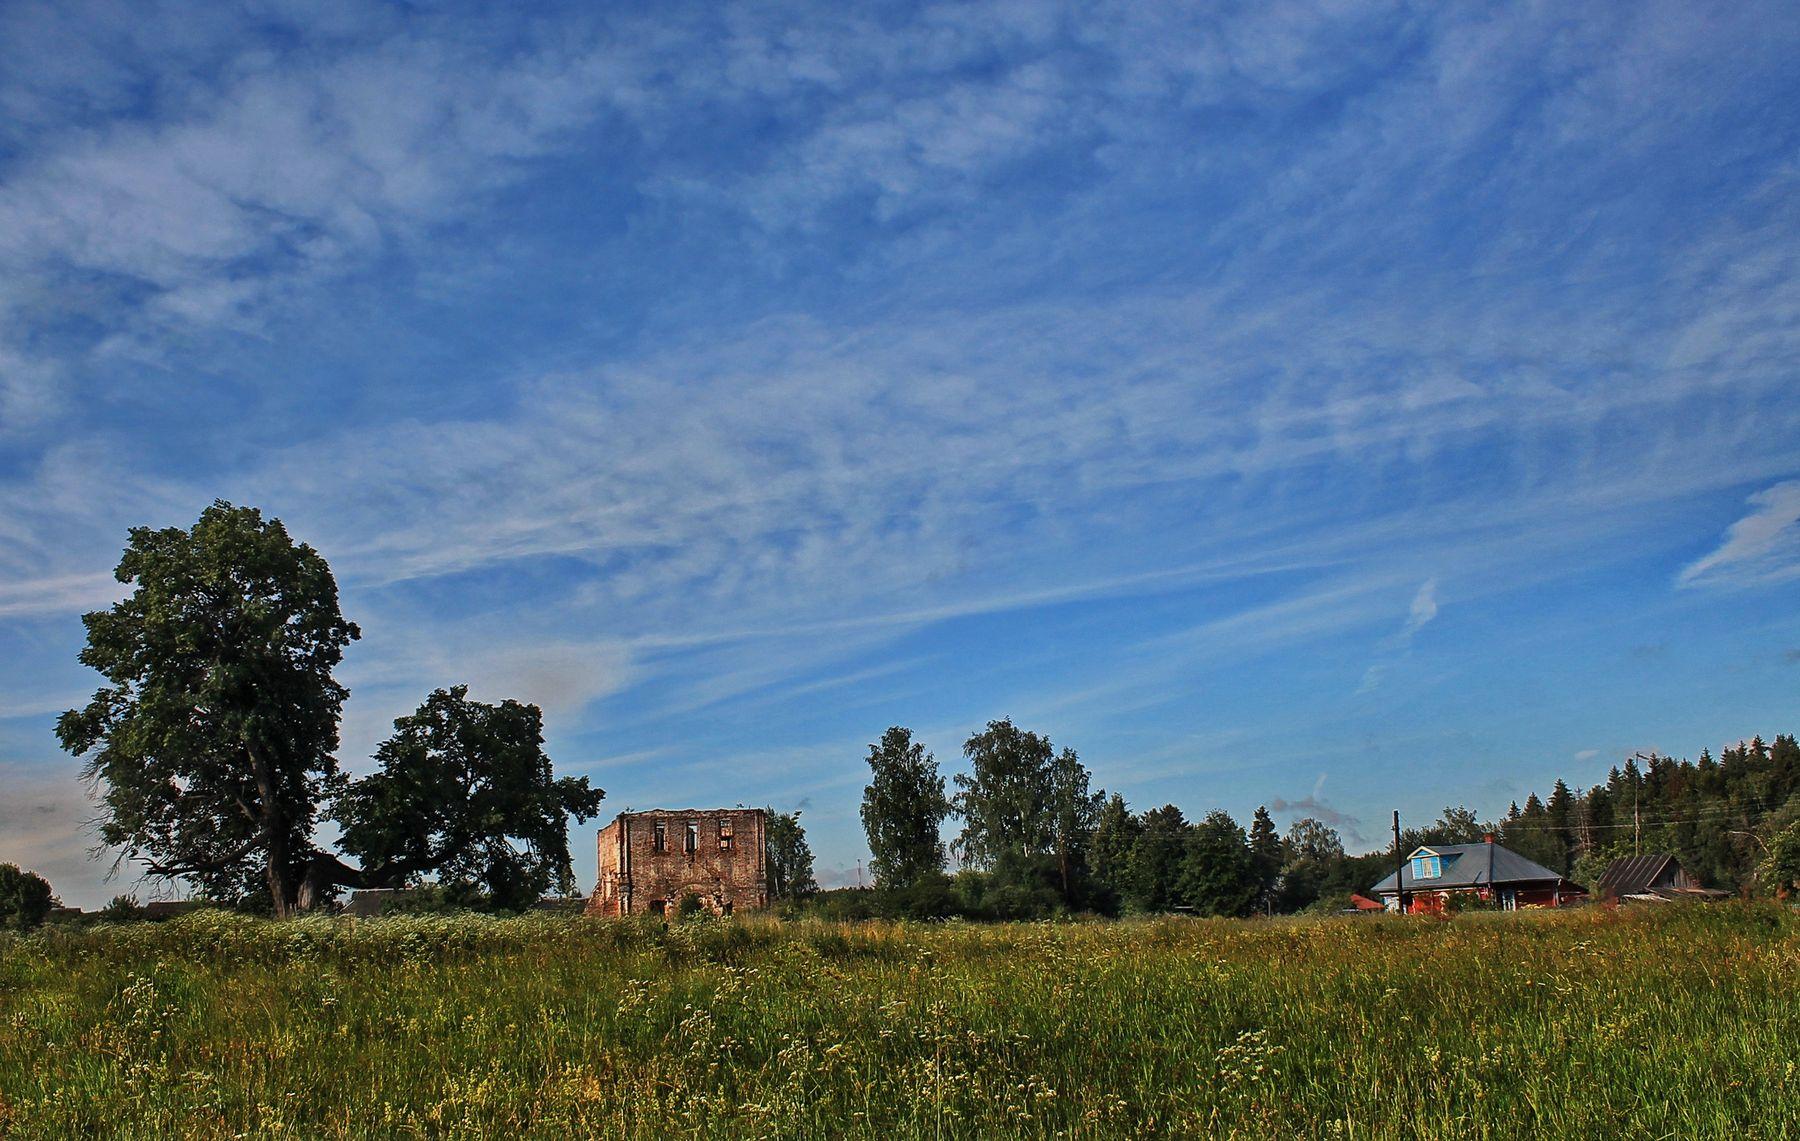 разрушенная временем деревня церковь дерево